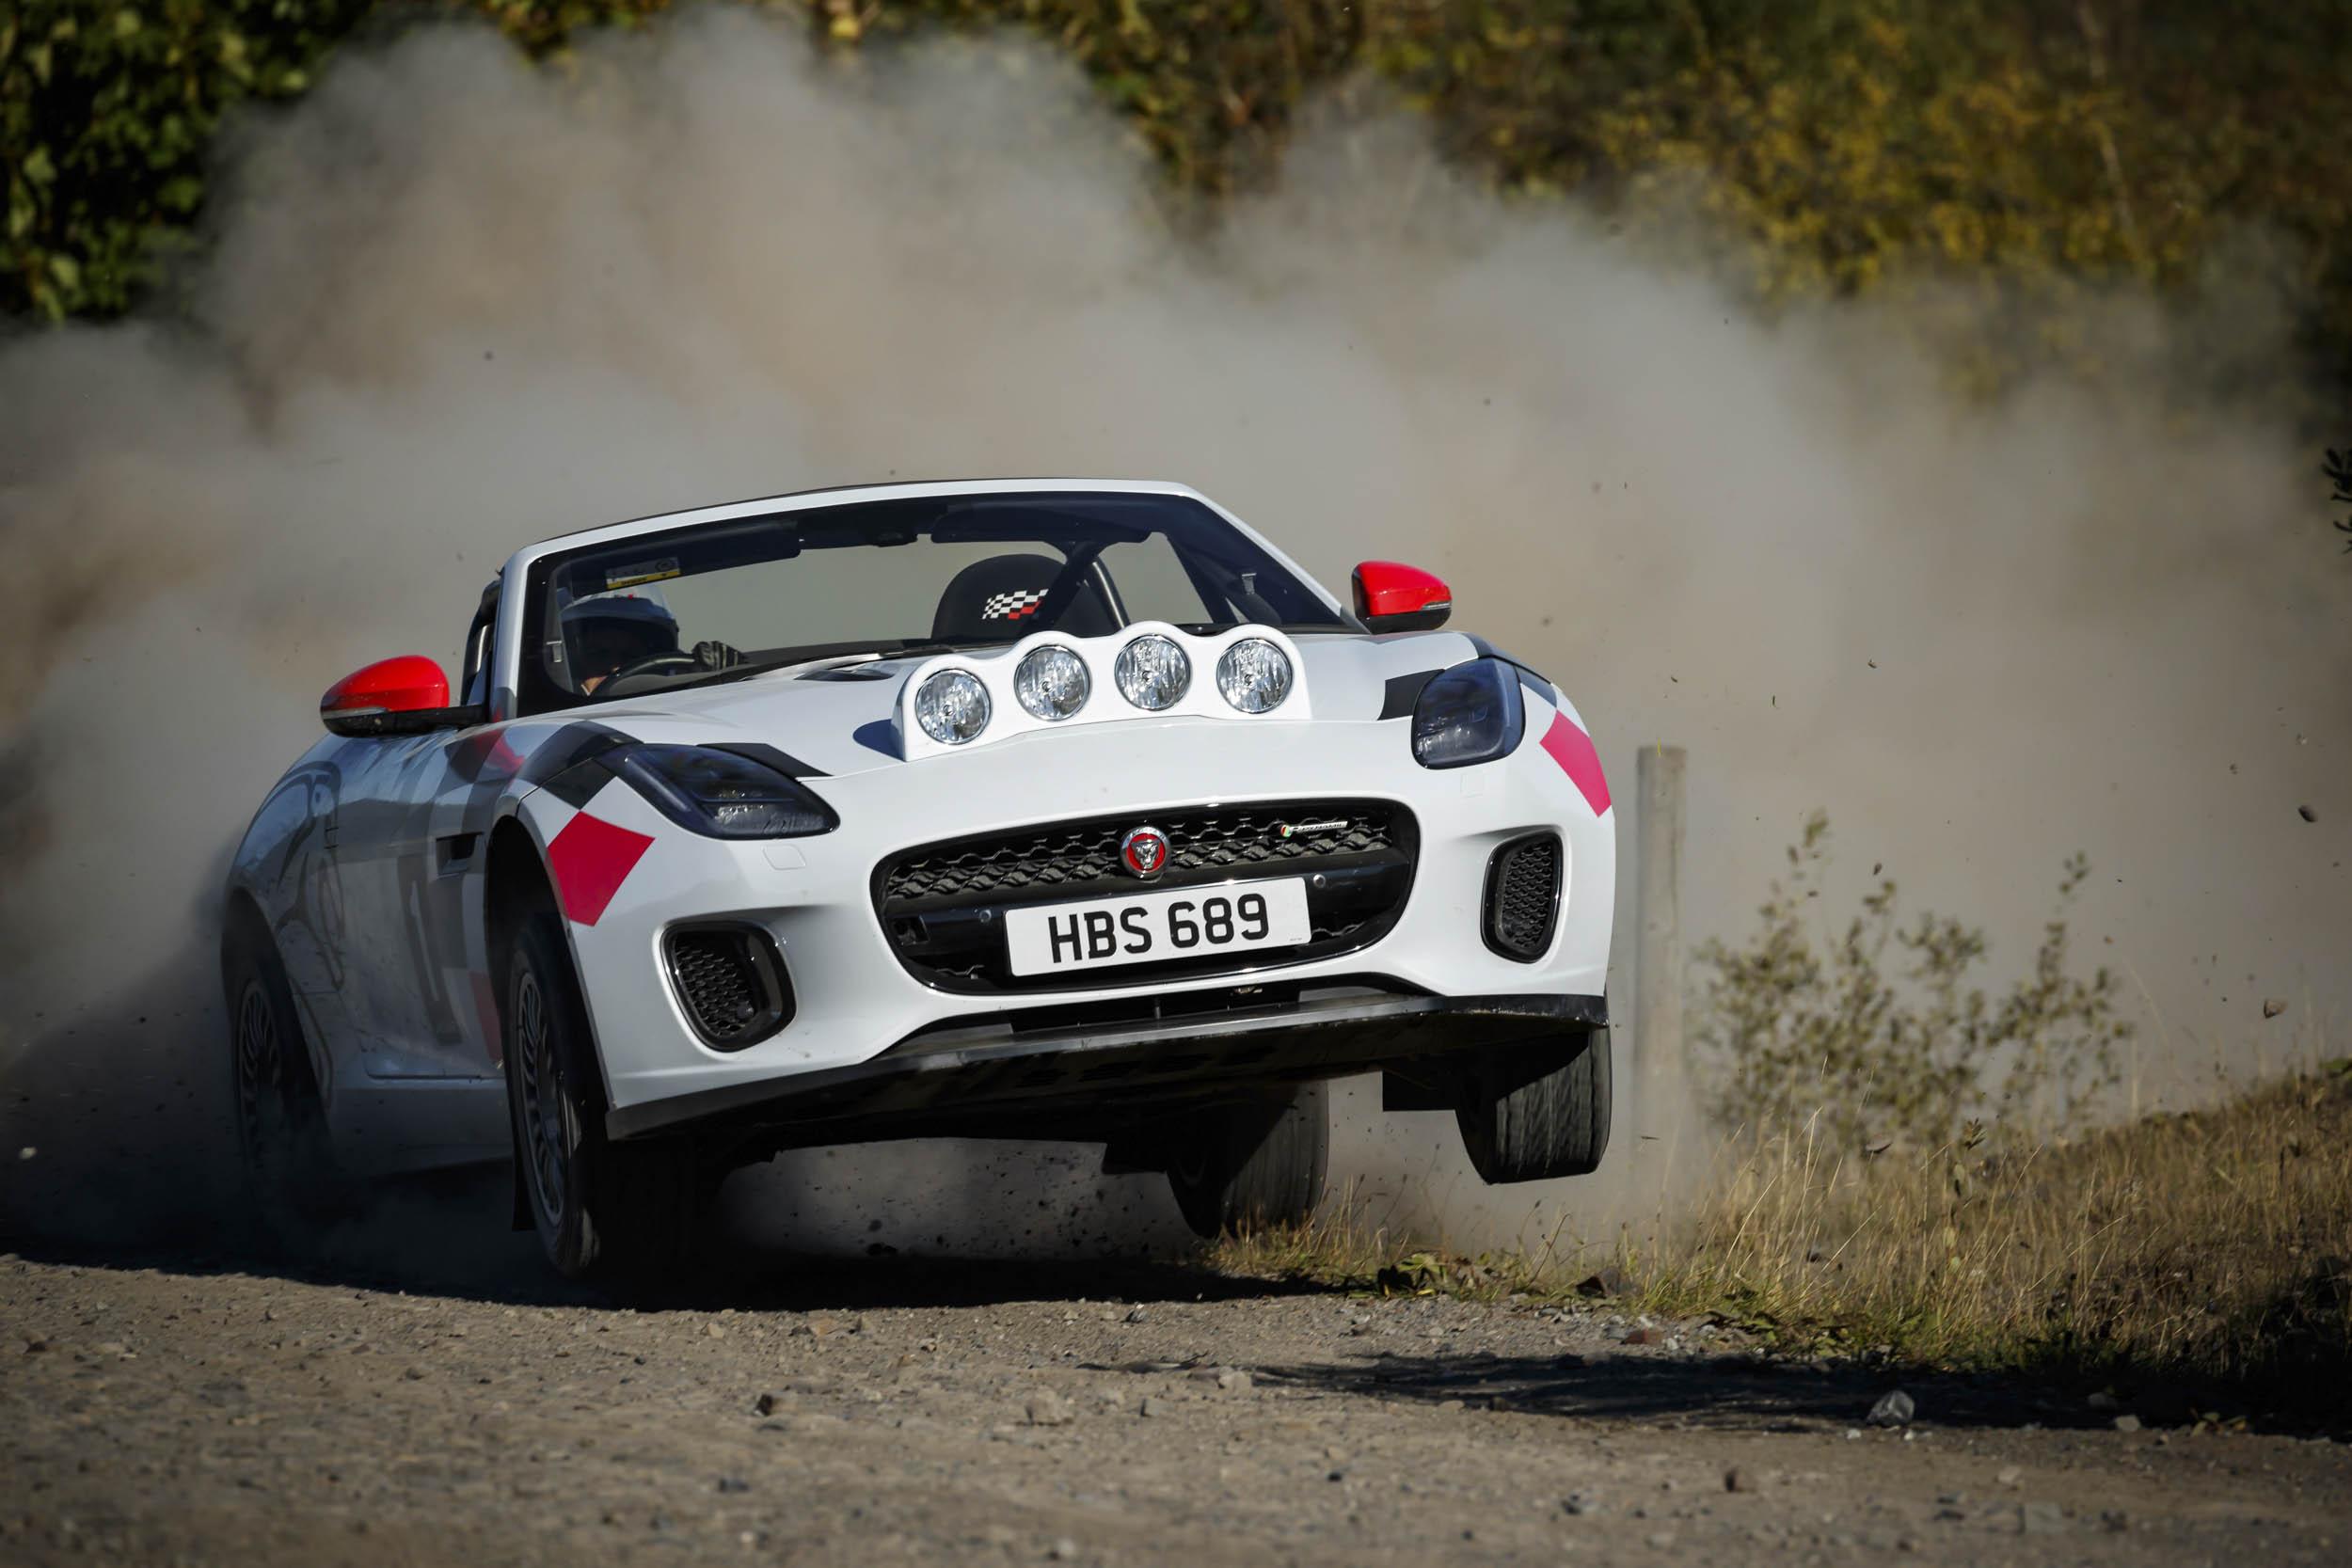 Jaguar F-type rally car hang time